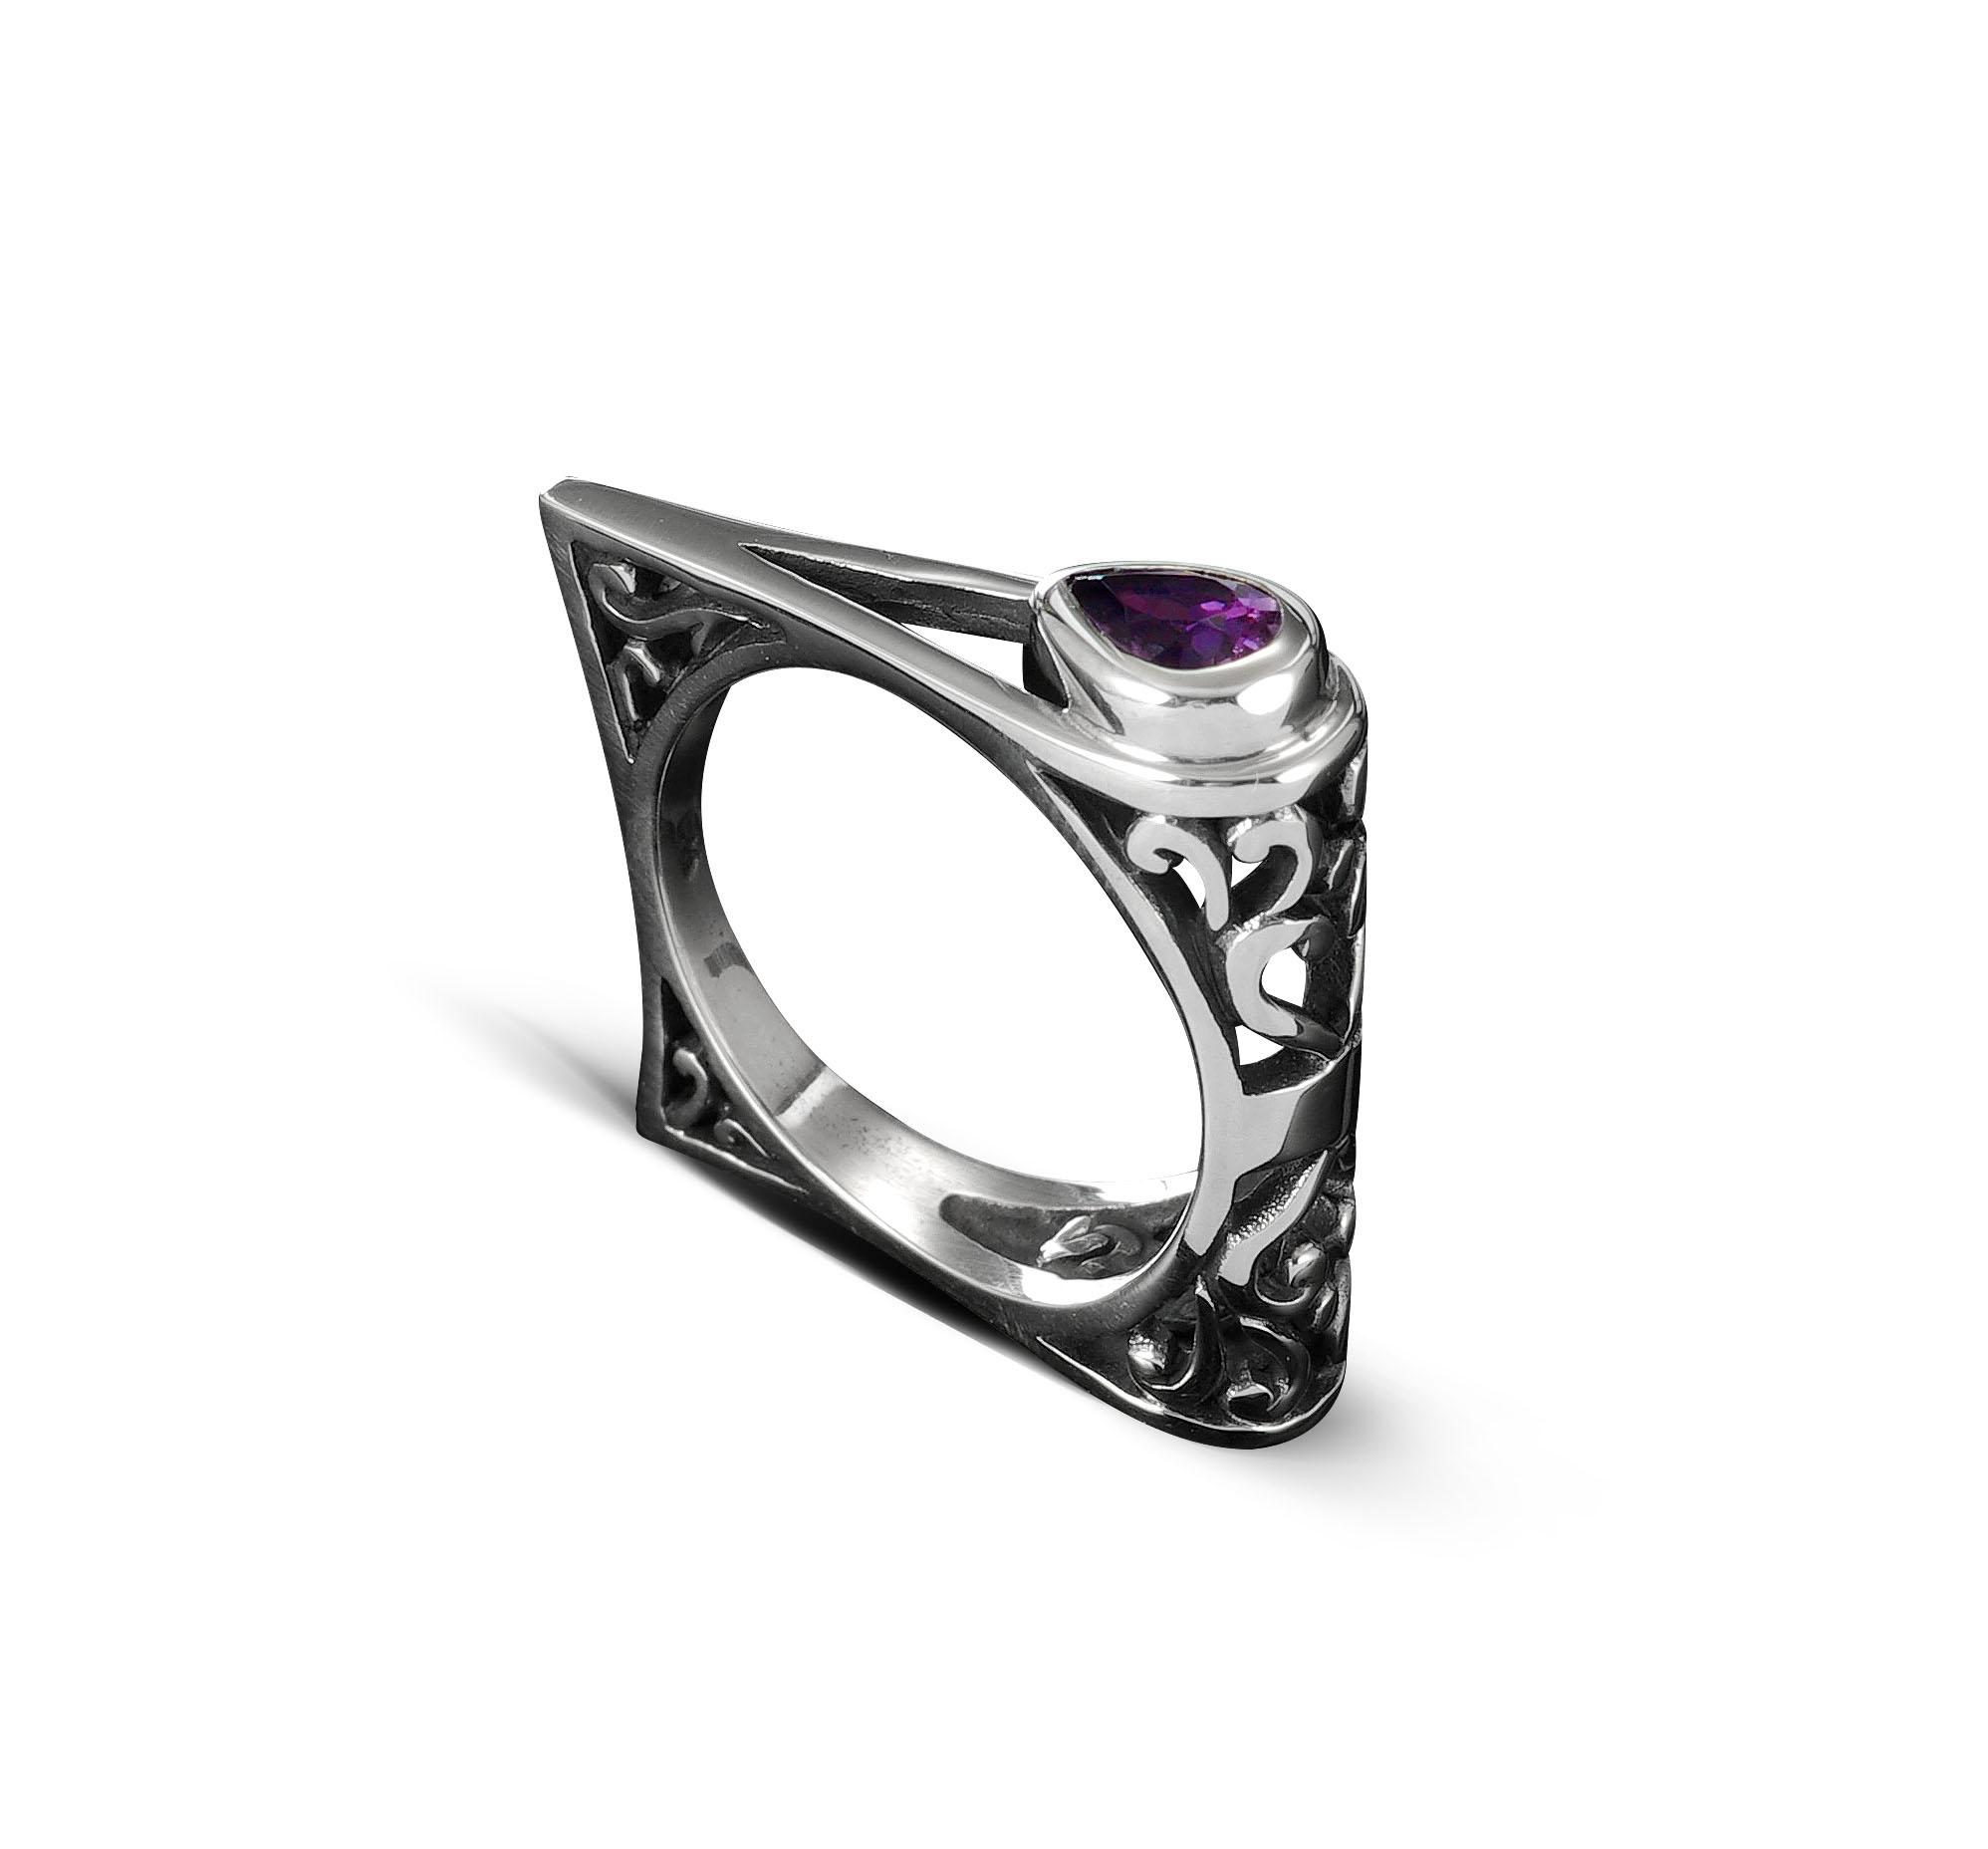 KS050-silver-ring